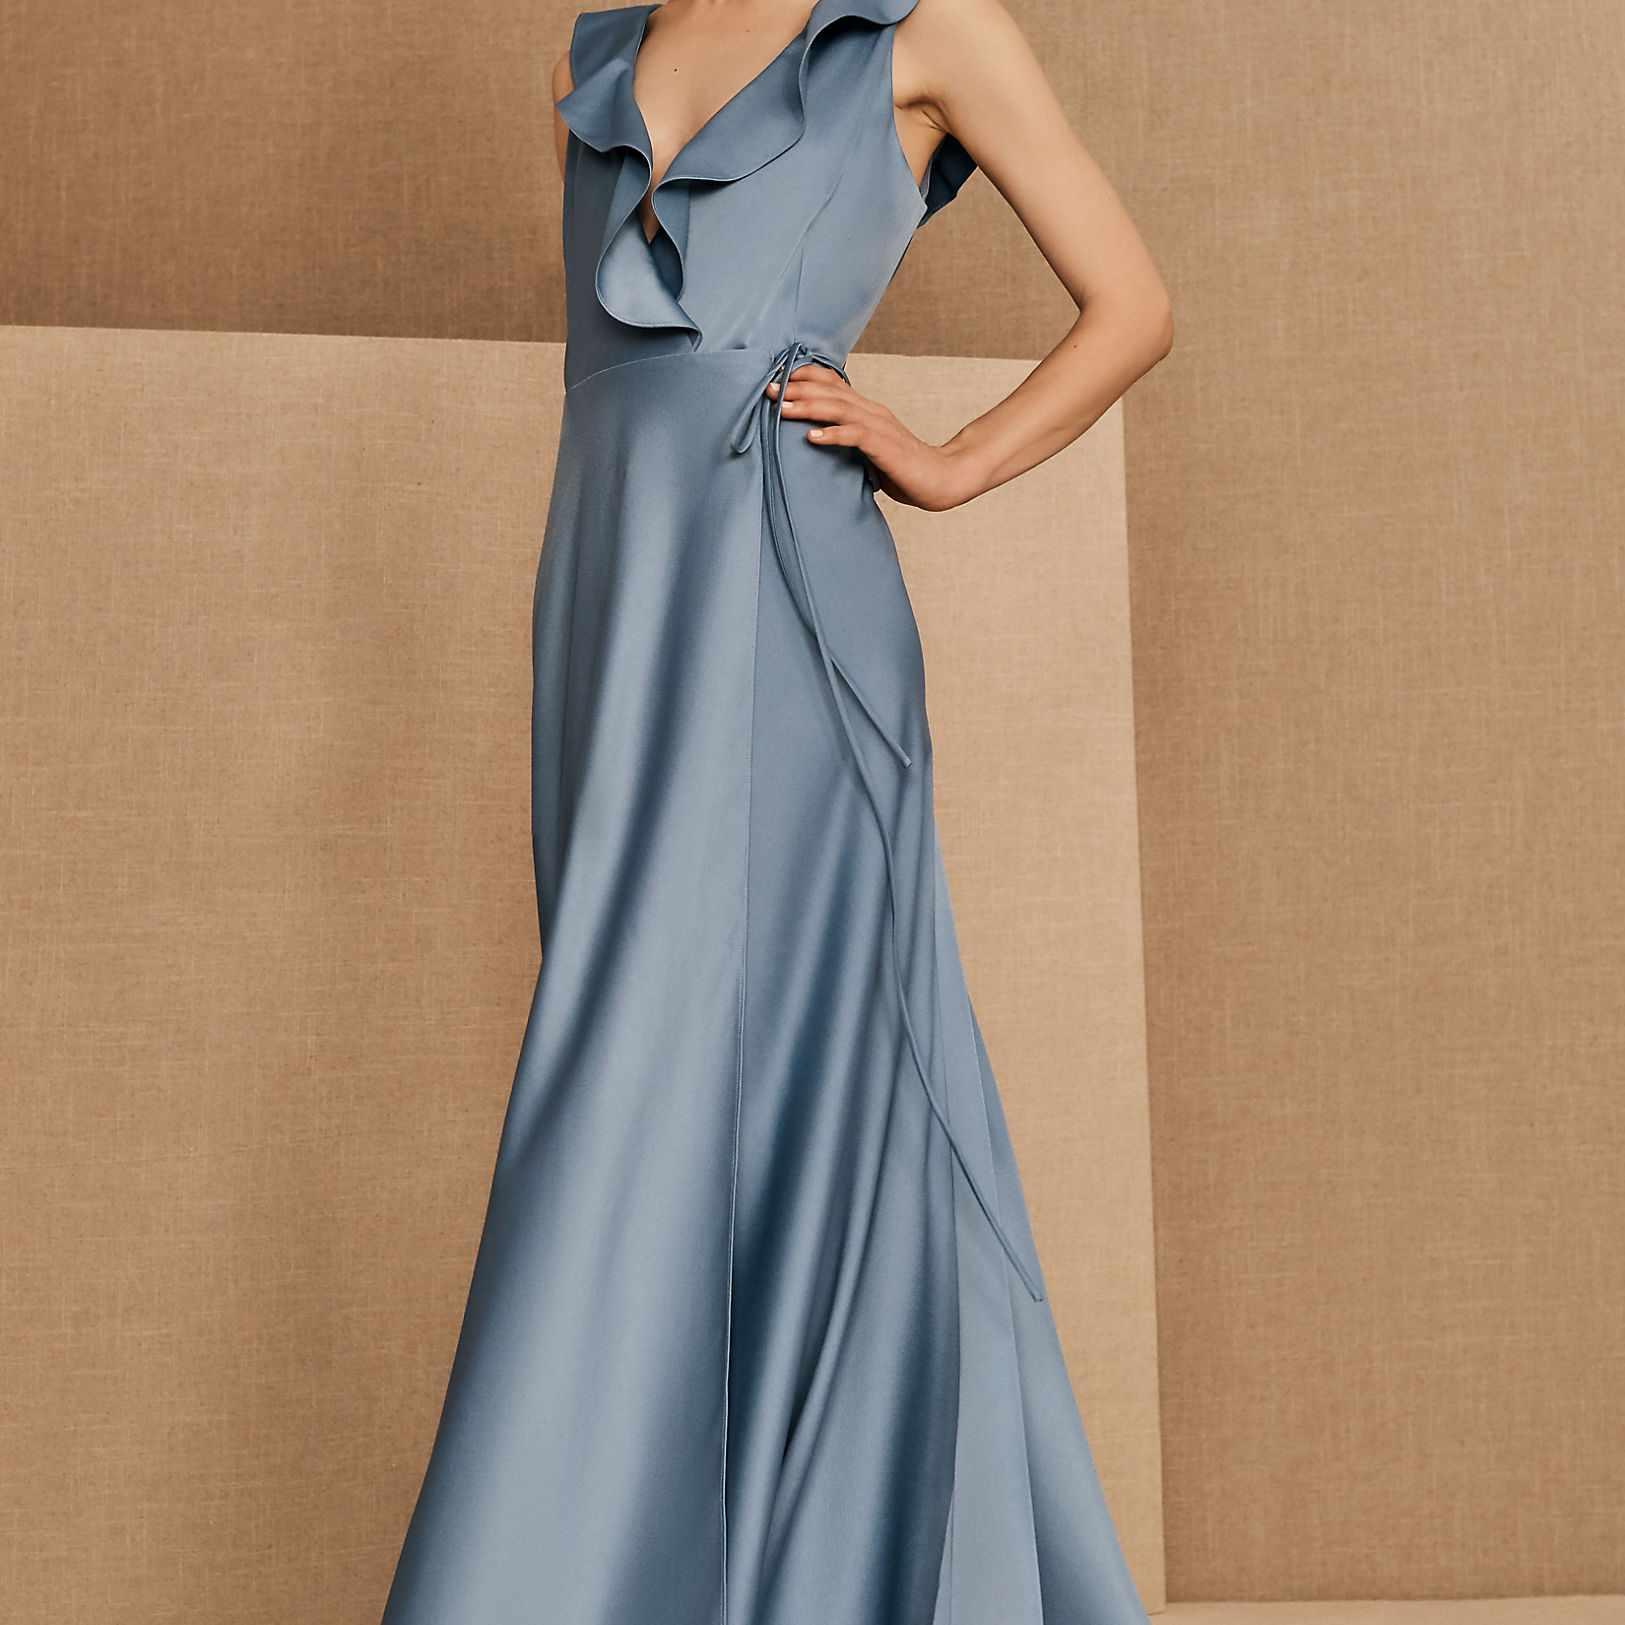 BHLDN Tansy Satin Maxi Dress, $220